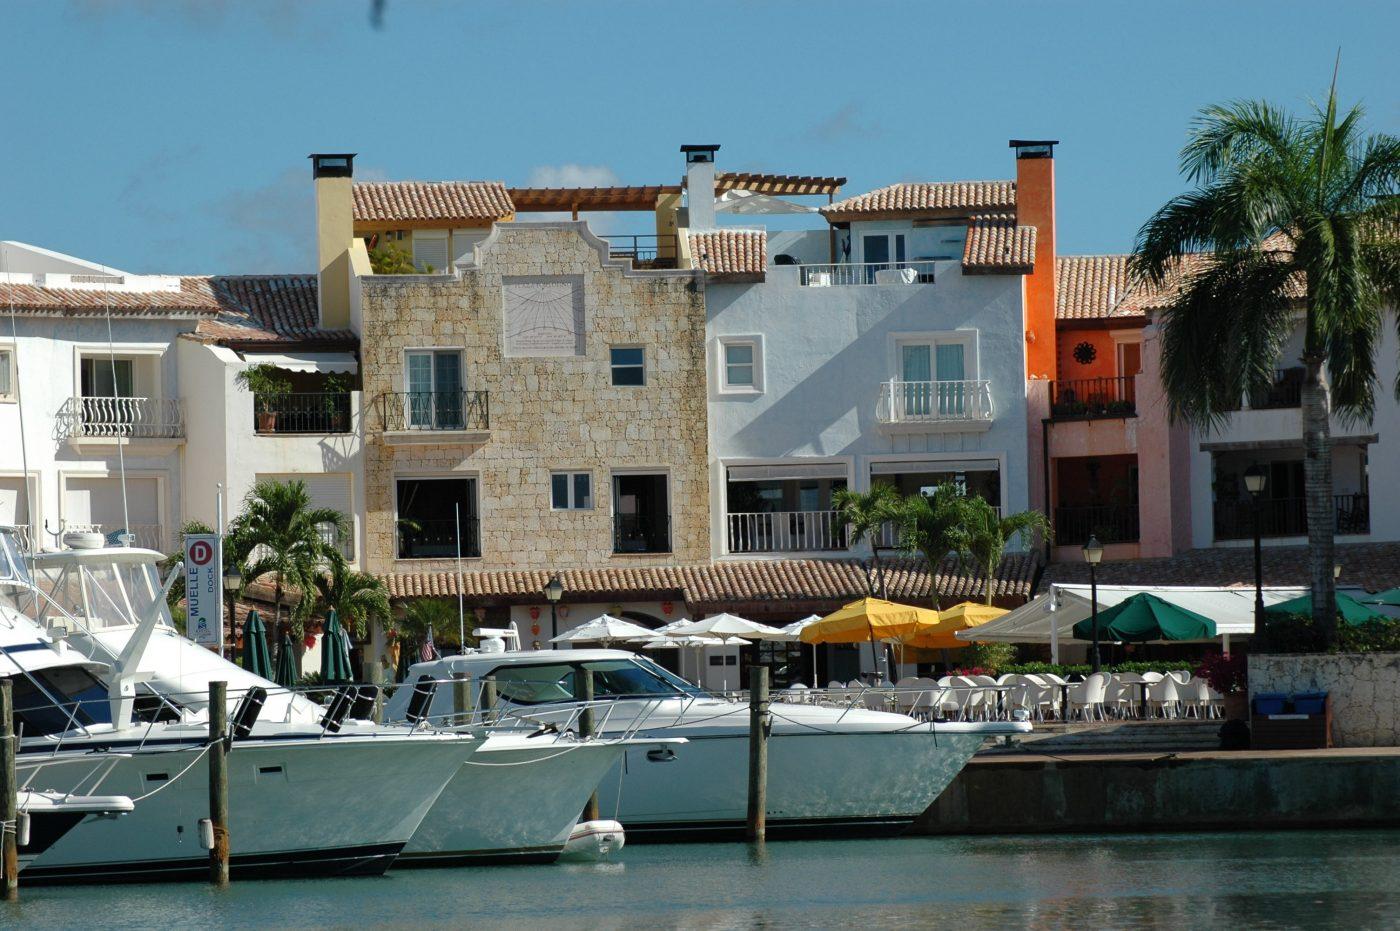 marina-casa-de-campo-republica-dominicana-wannaboats-01